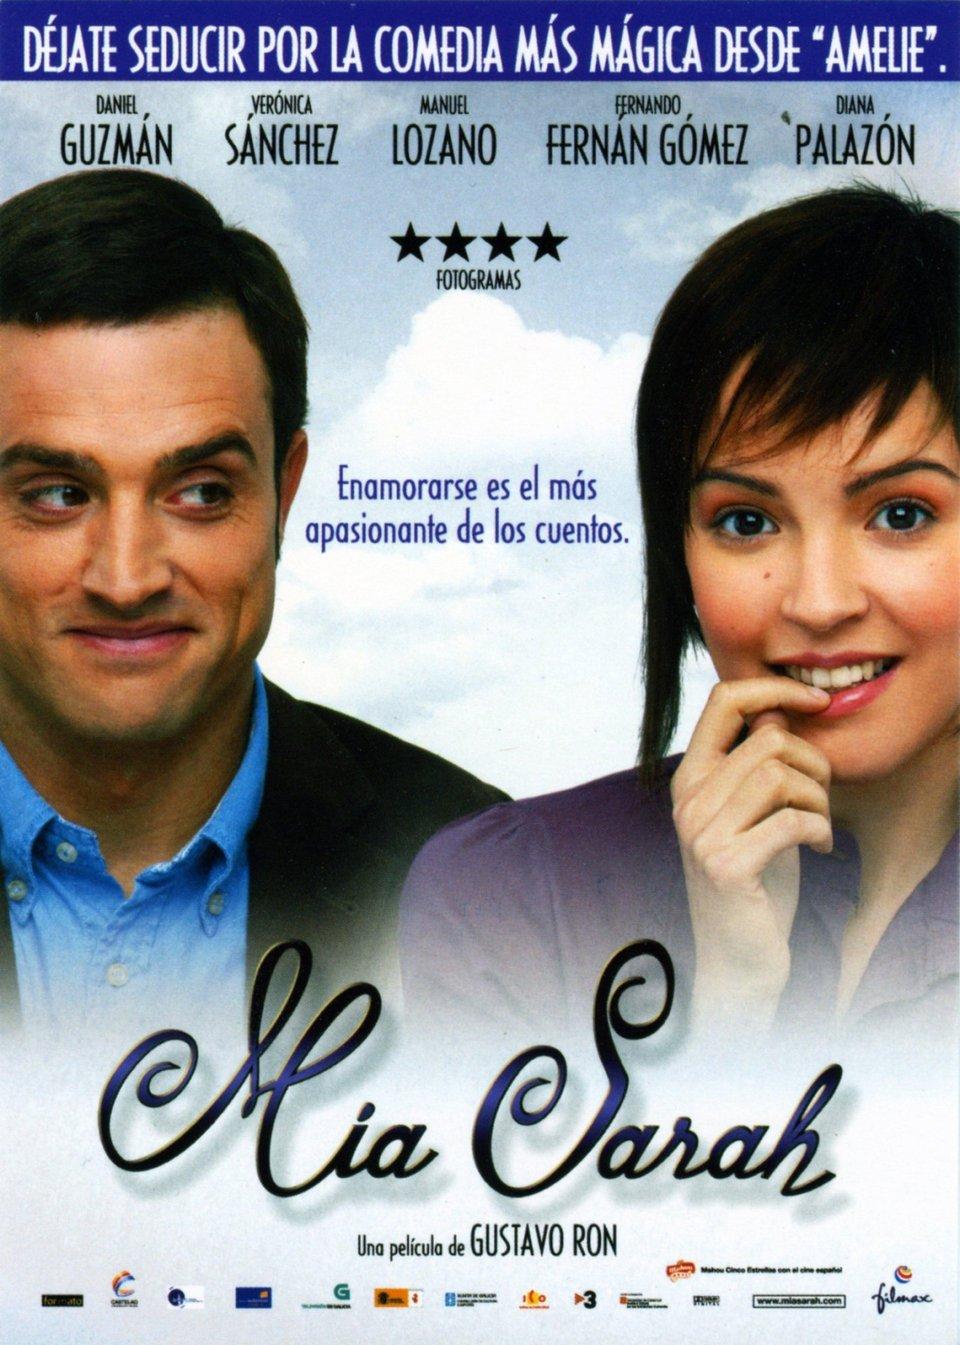 Cartel España de 'Mia Sarah'